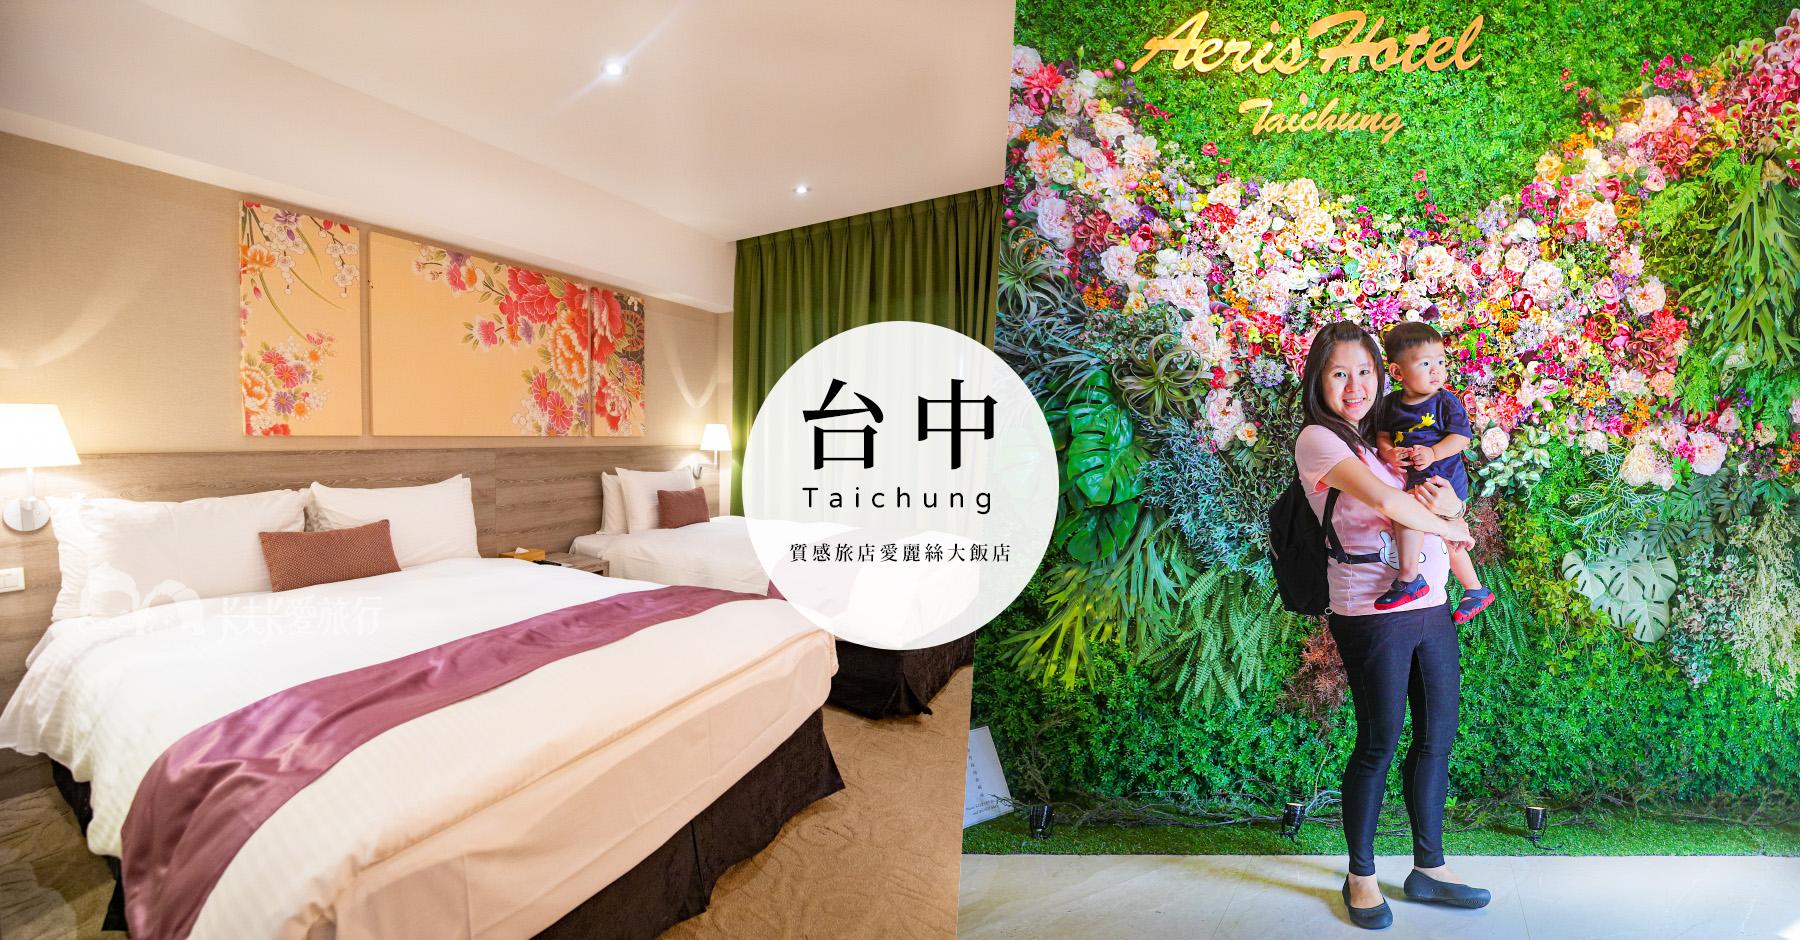 台中飯店推薦|Aeris愛麗絲國際大飯店|柳川畔高CP值質感旅店評價早餐下午茶